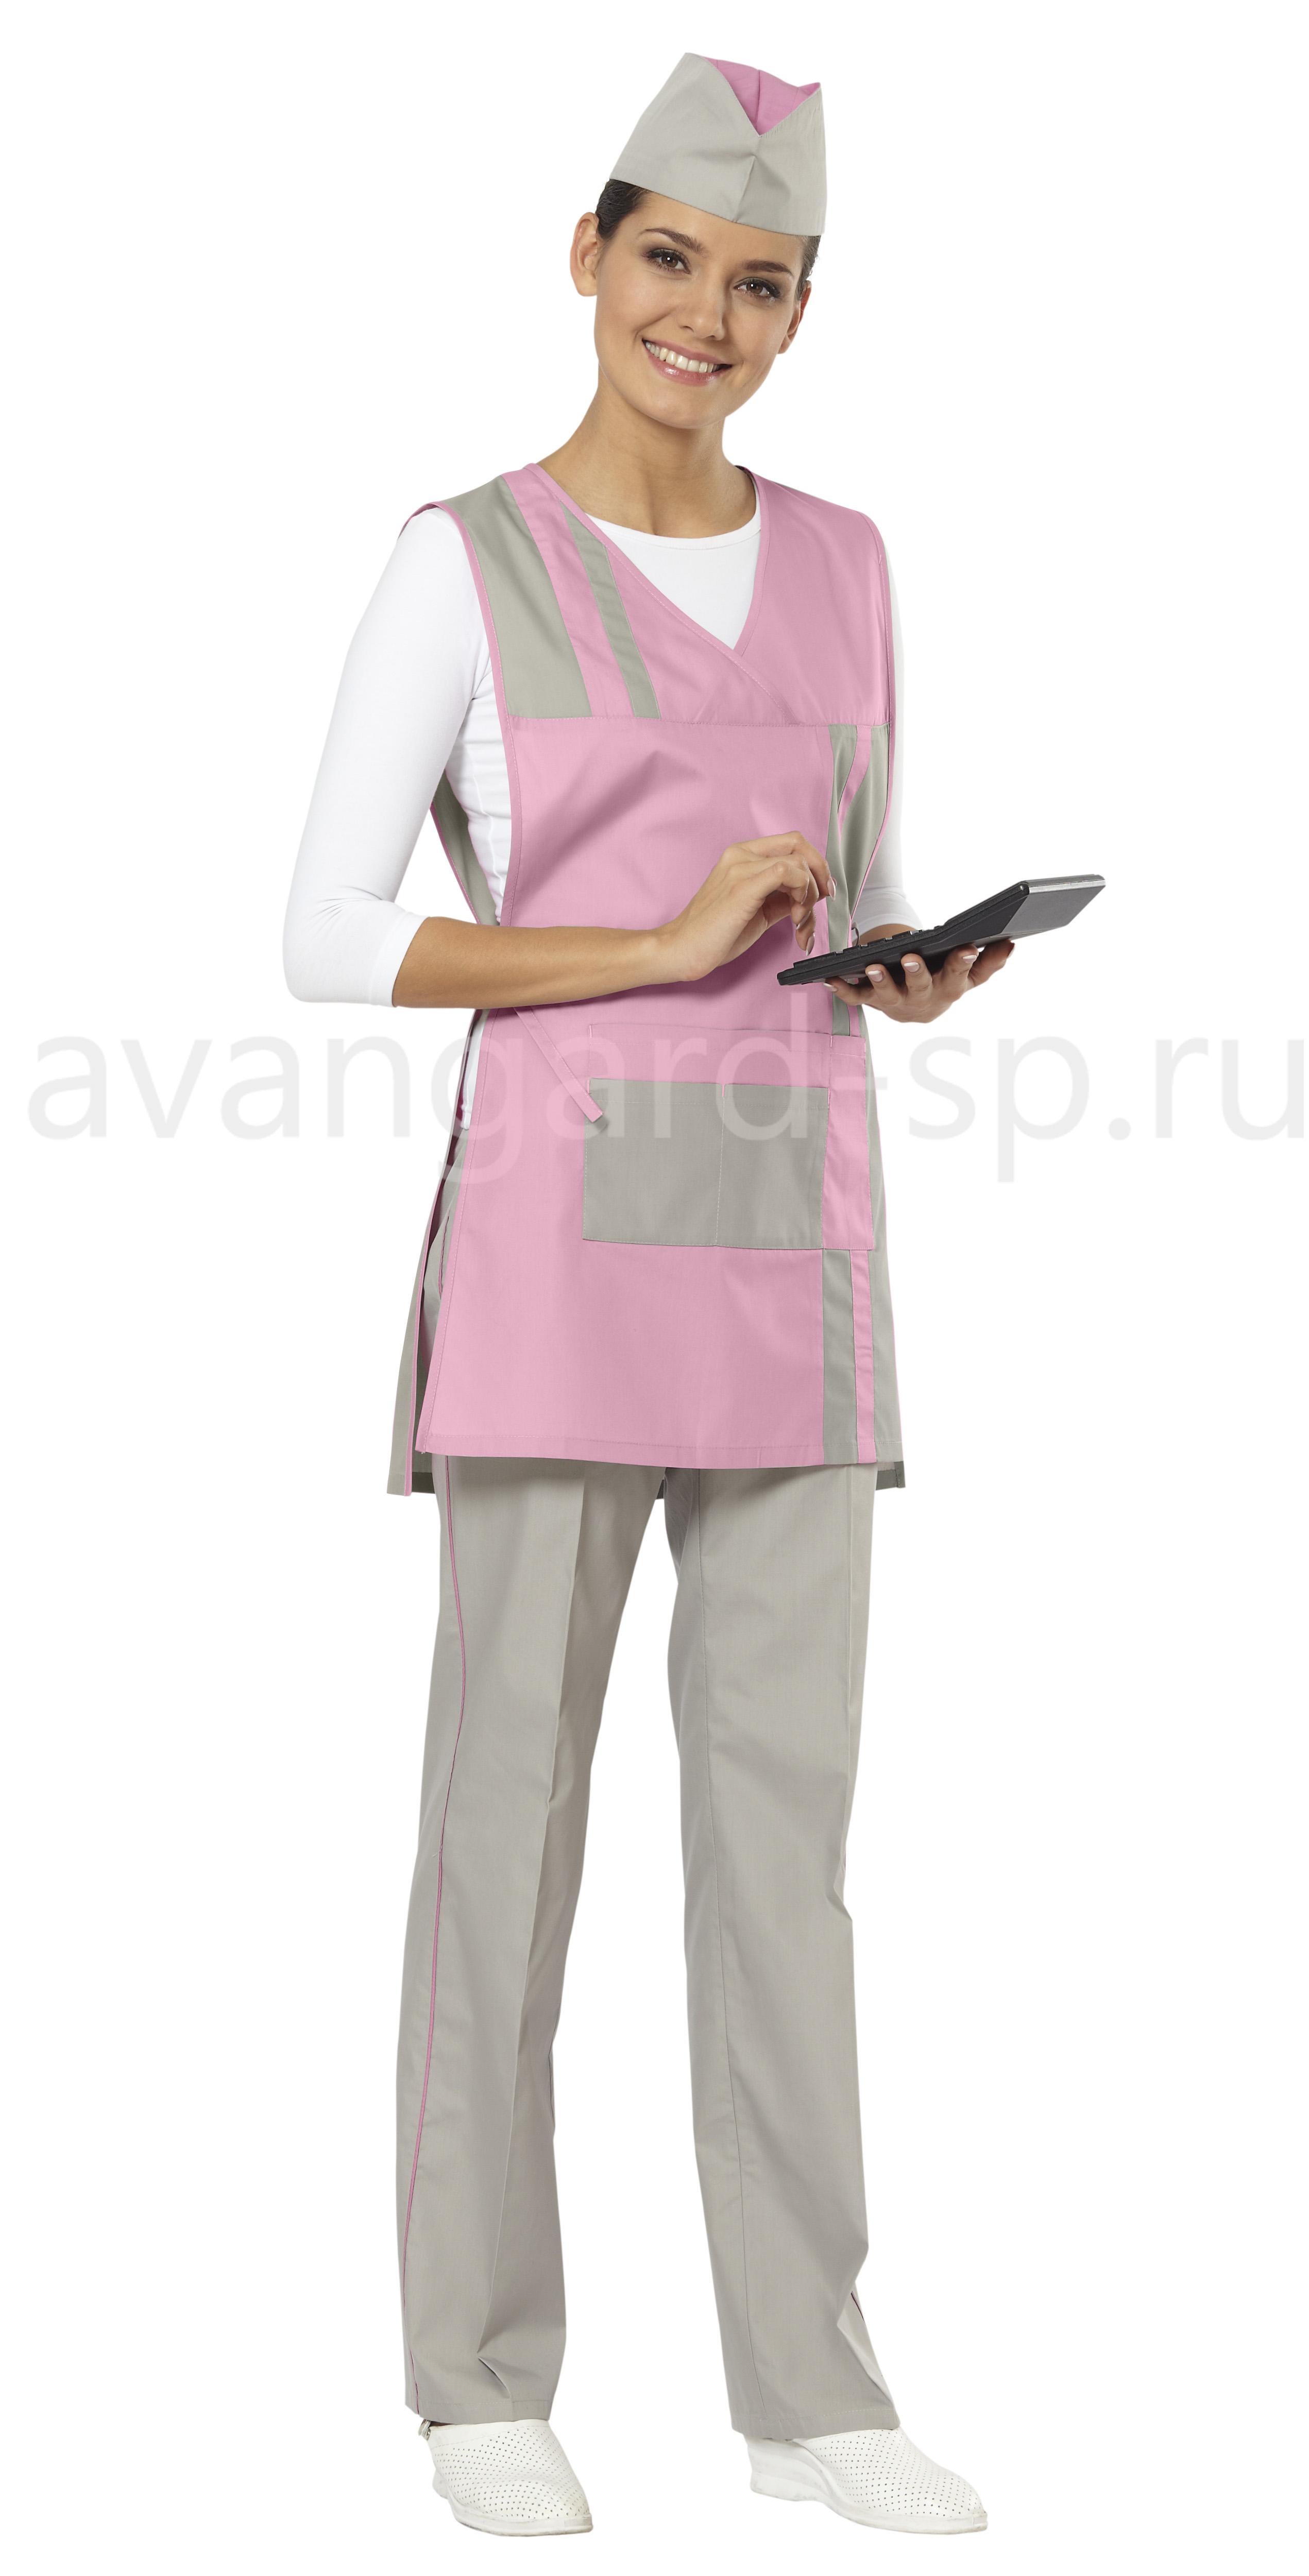 Комплект Стиль (фартук-сарафан, брюки, пилотка) цвет розовый+серый